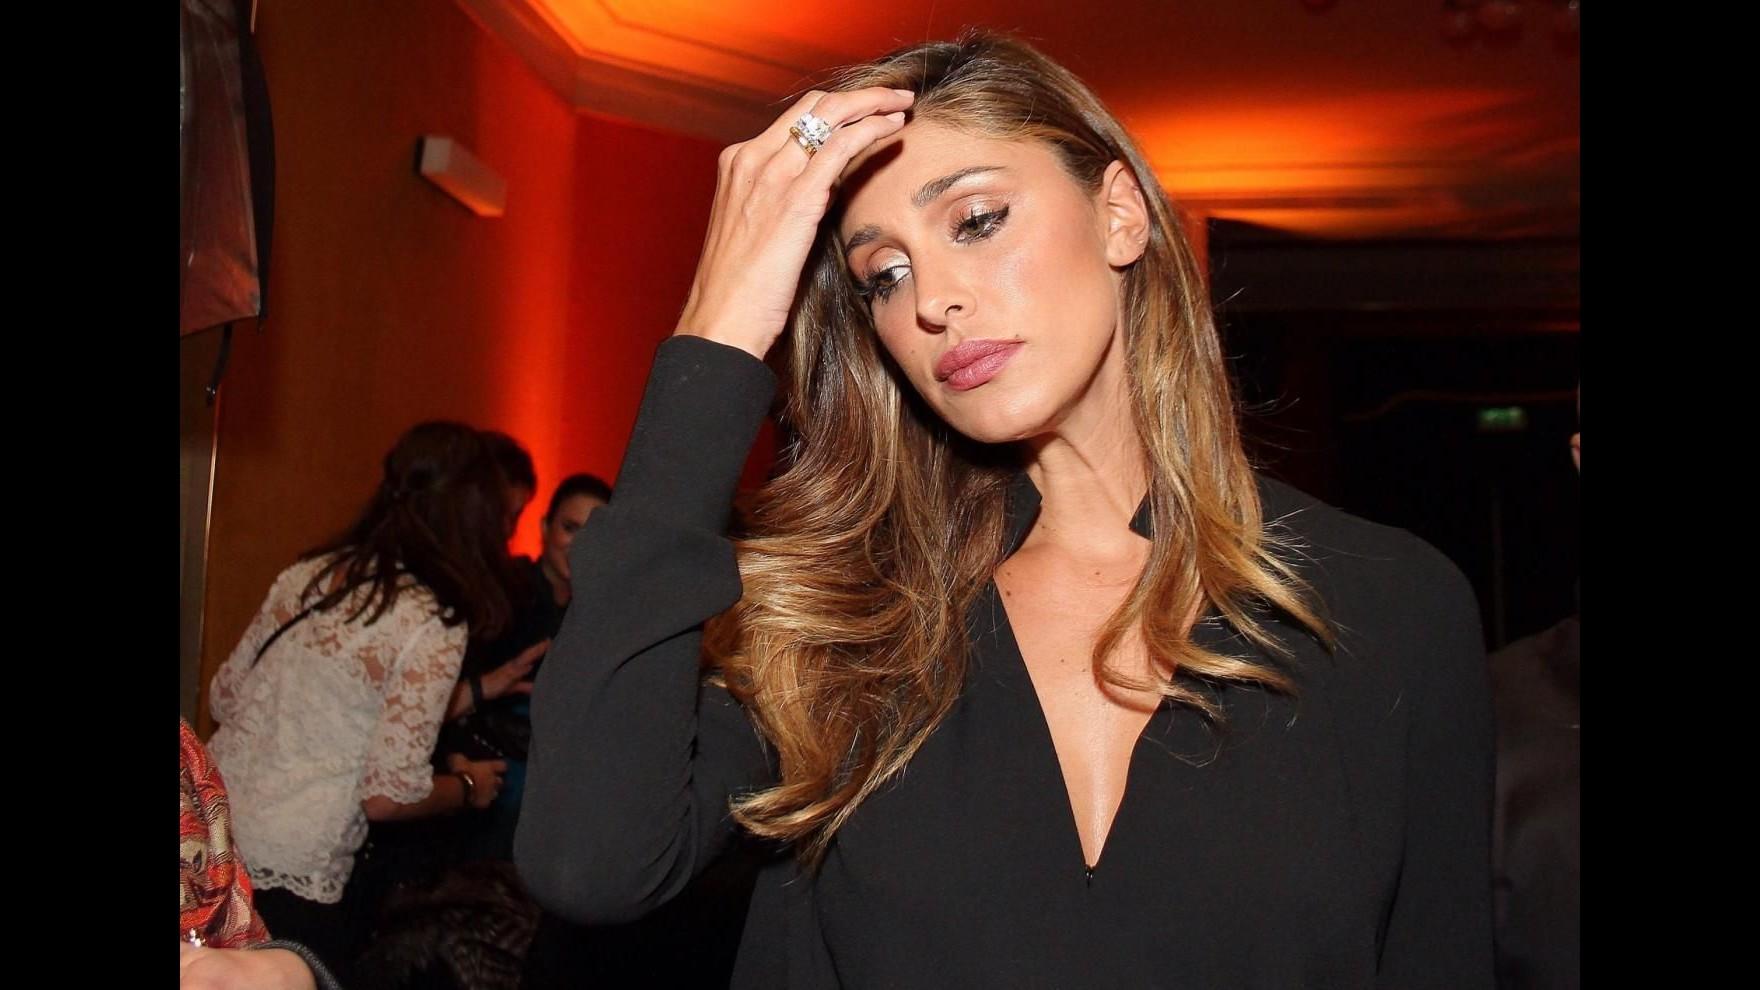 'Striscia': Tapiro d'oro a Vieri, tornato in Italia per Belen